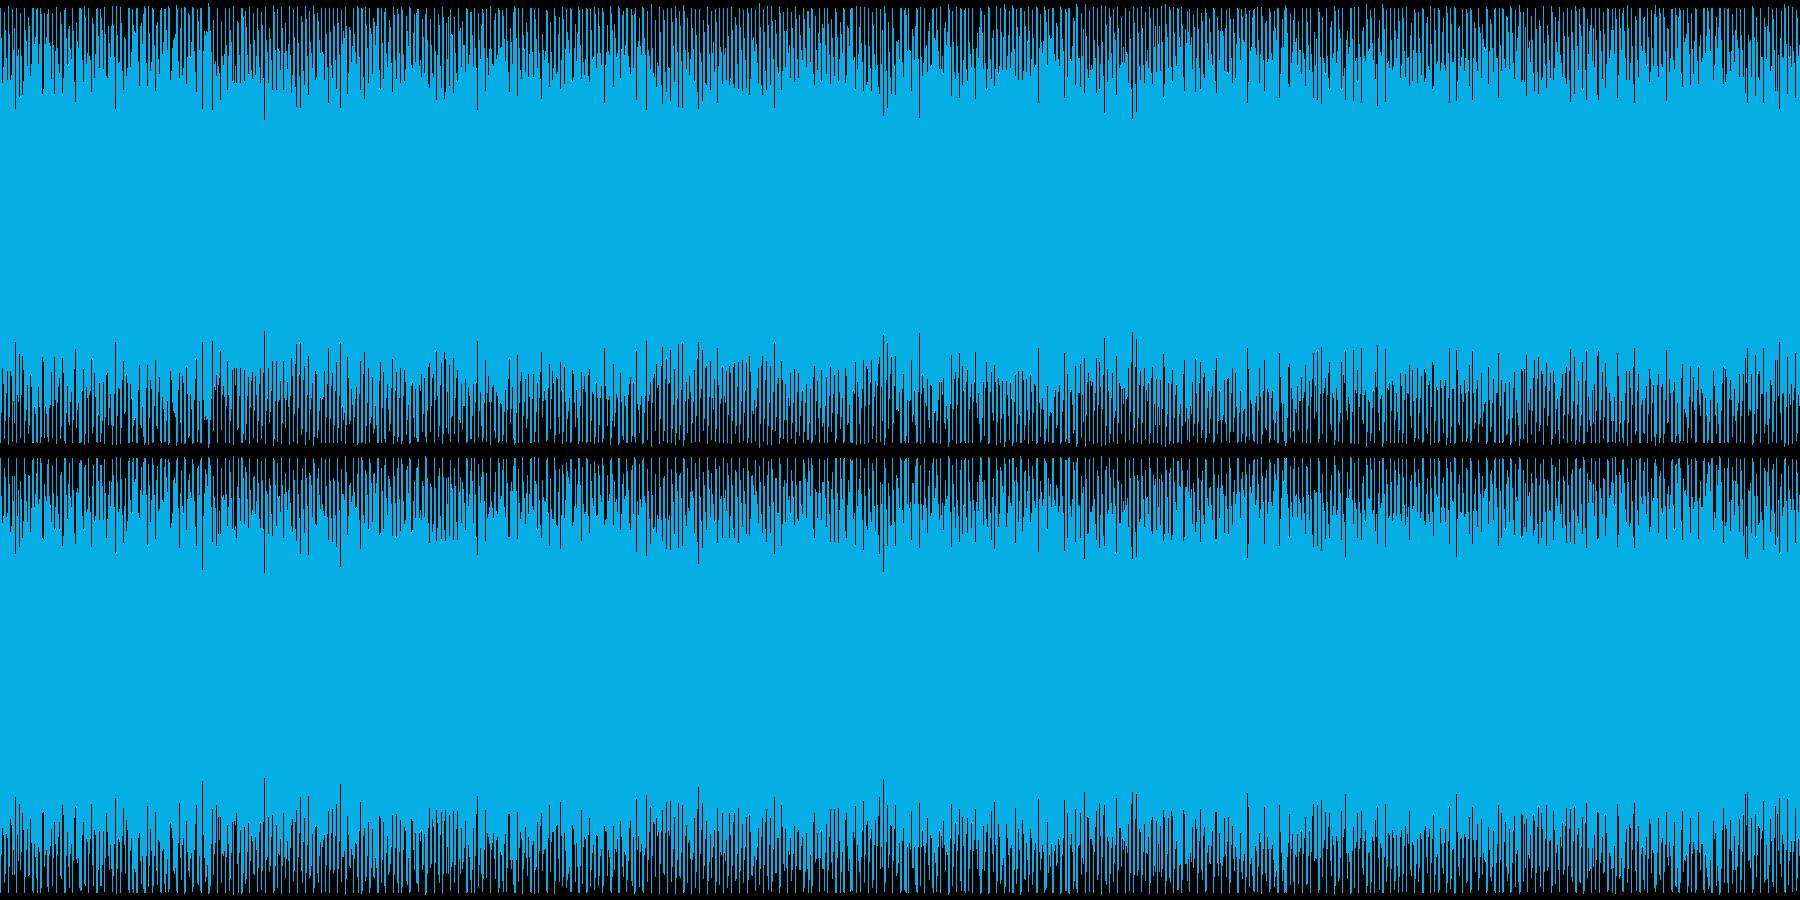 ニュースや映像、ループ可能なハウス1の再生済みの波形